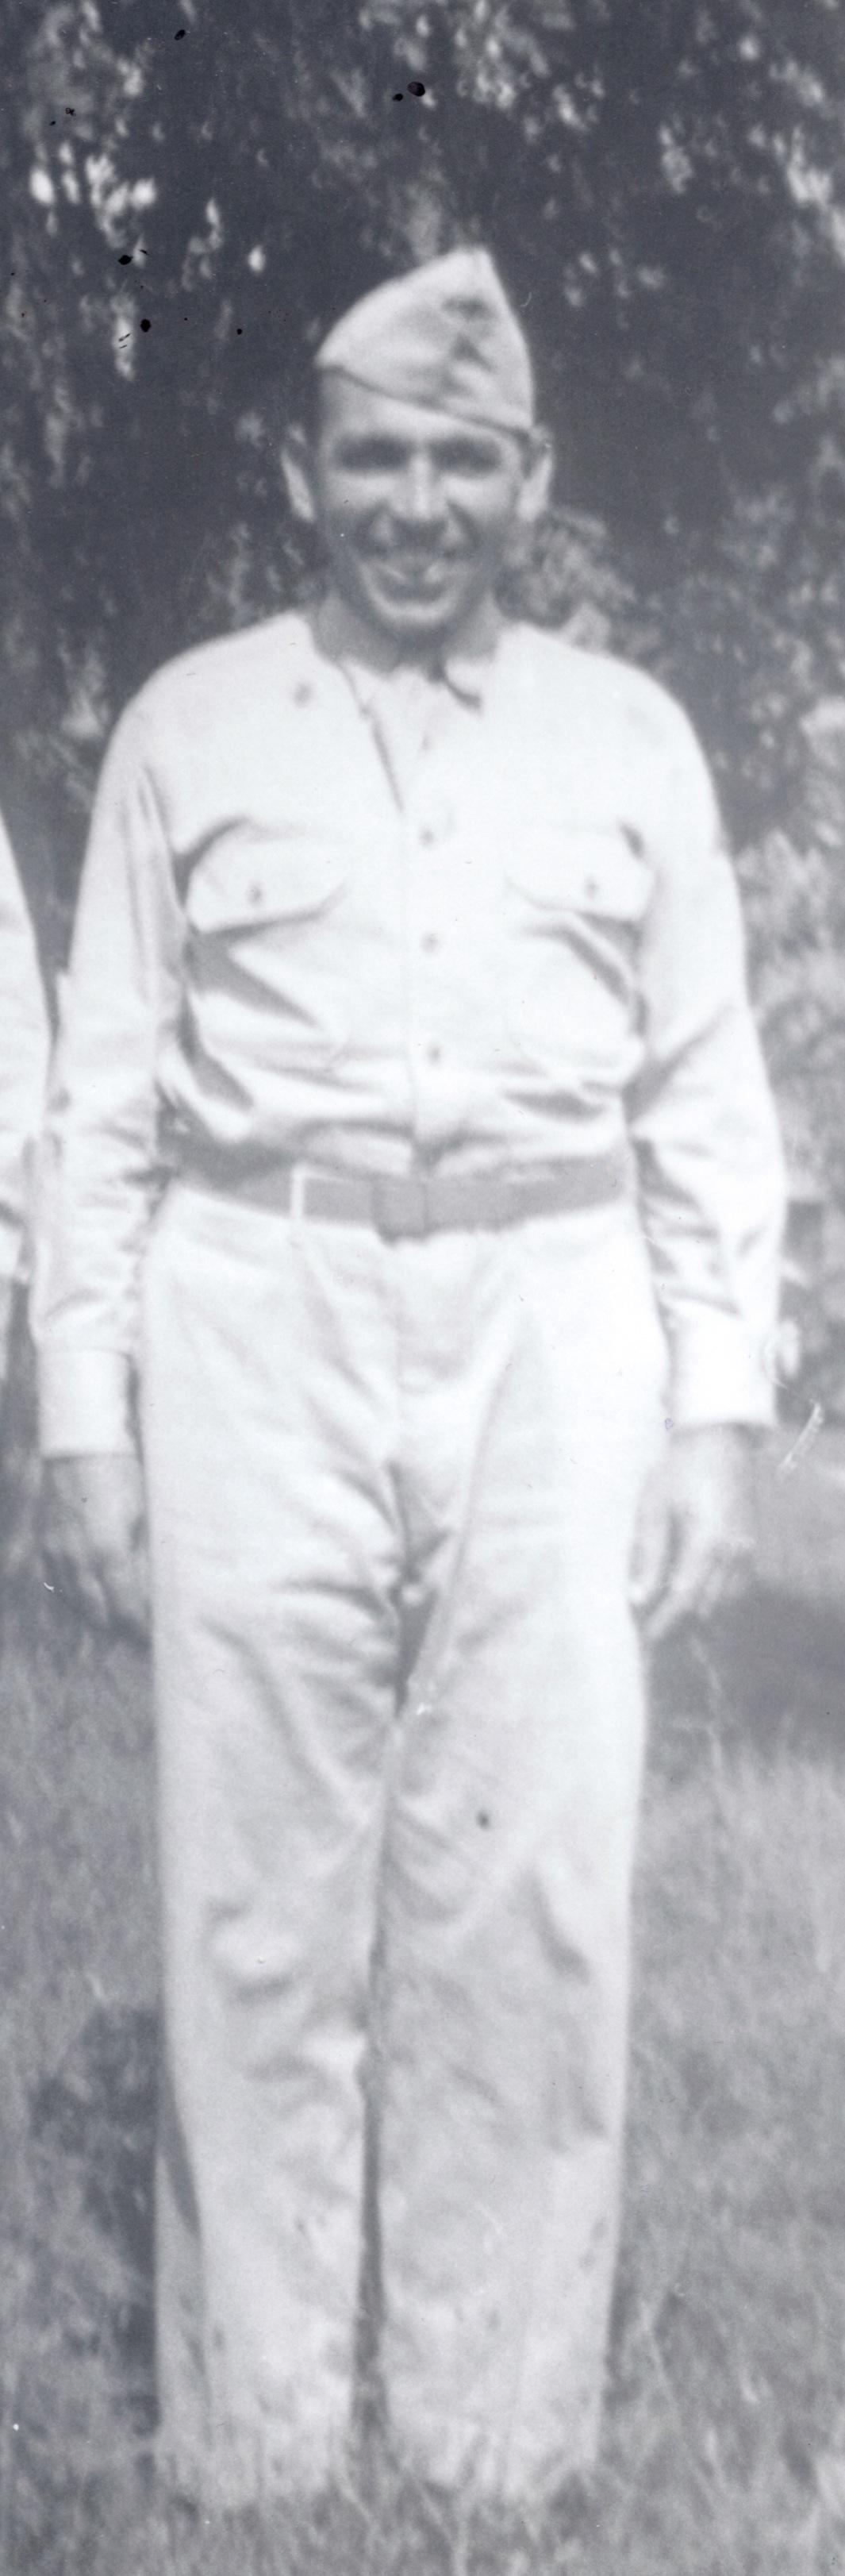 Jesse James Hargrove